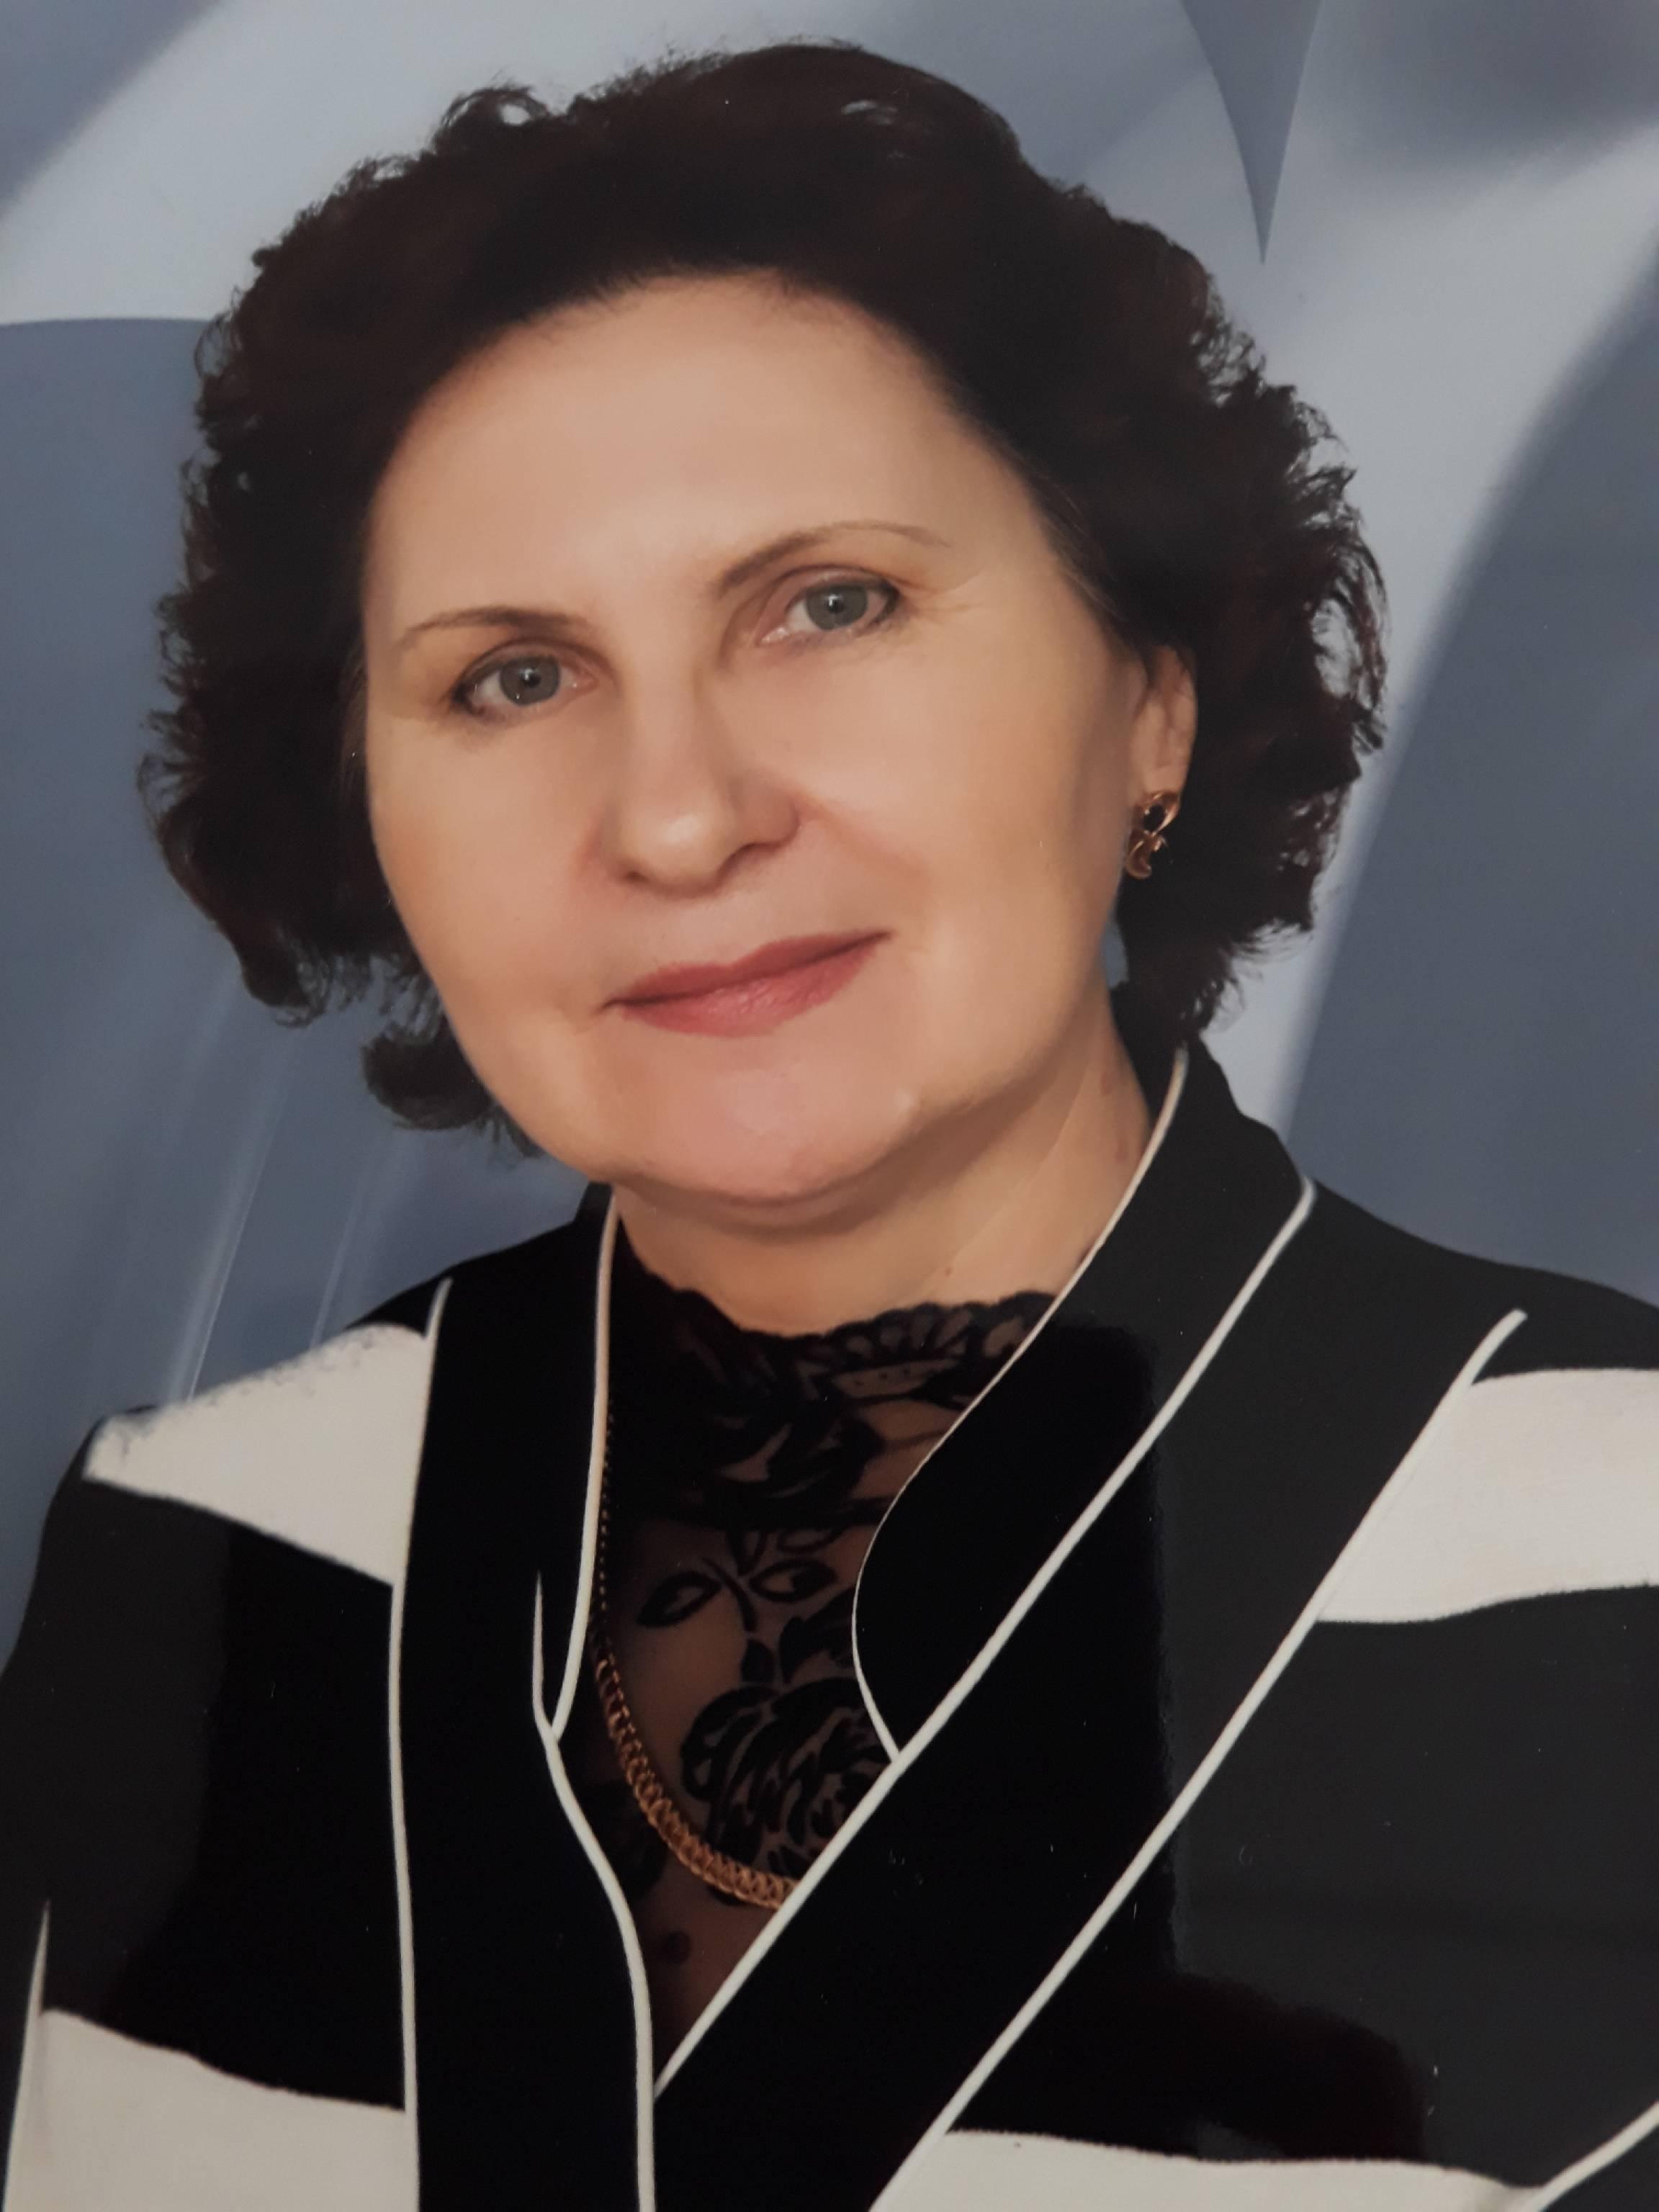 Підпала Тетяна Василівна